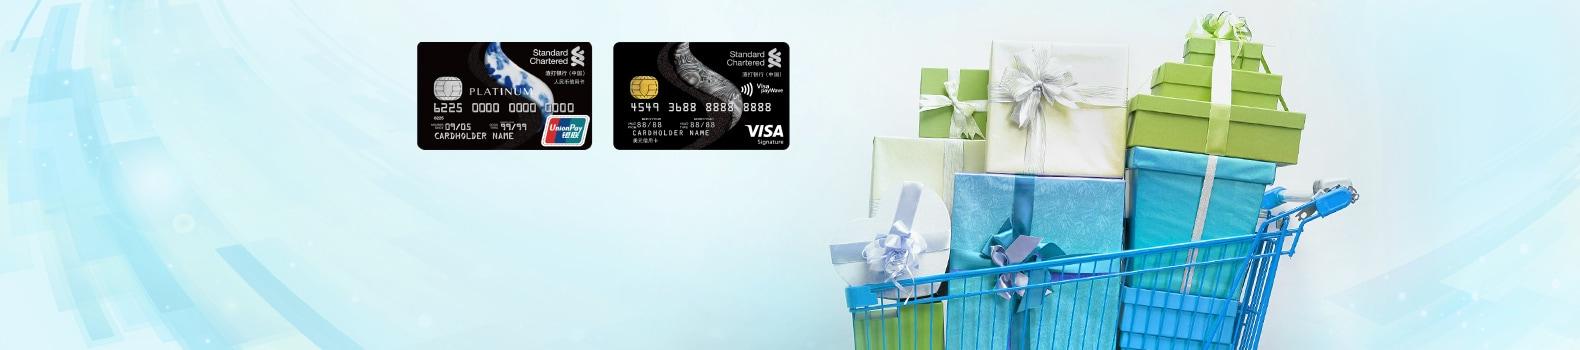 渣打臻程系列信用卡